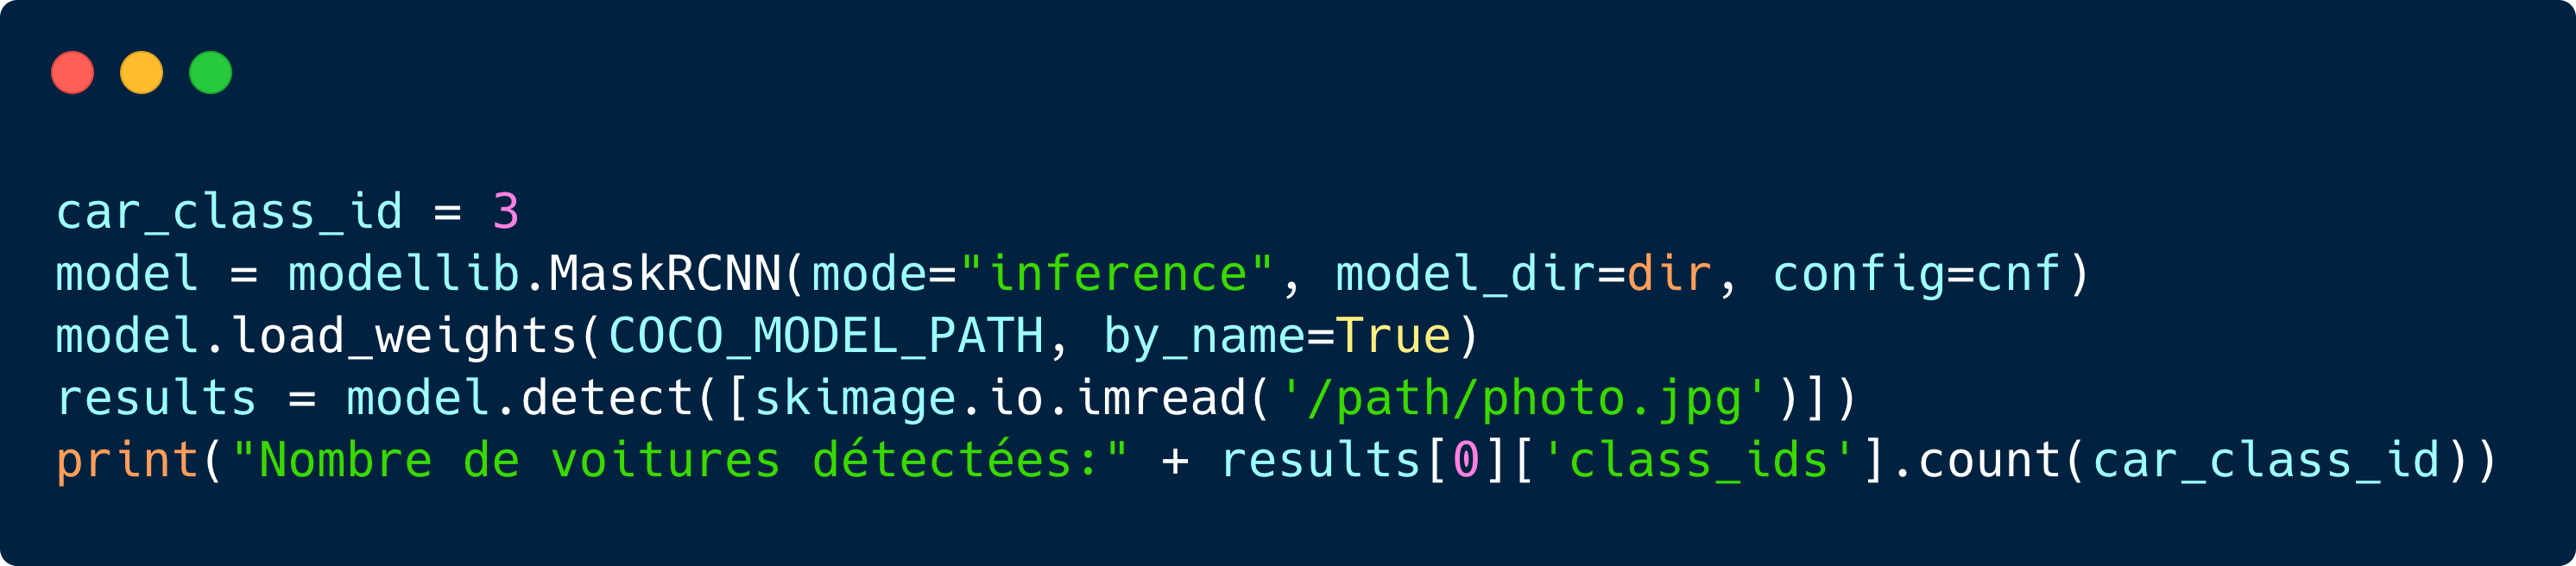 Code basé sur une implémentation en TensorFlow de Mask-RCNN